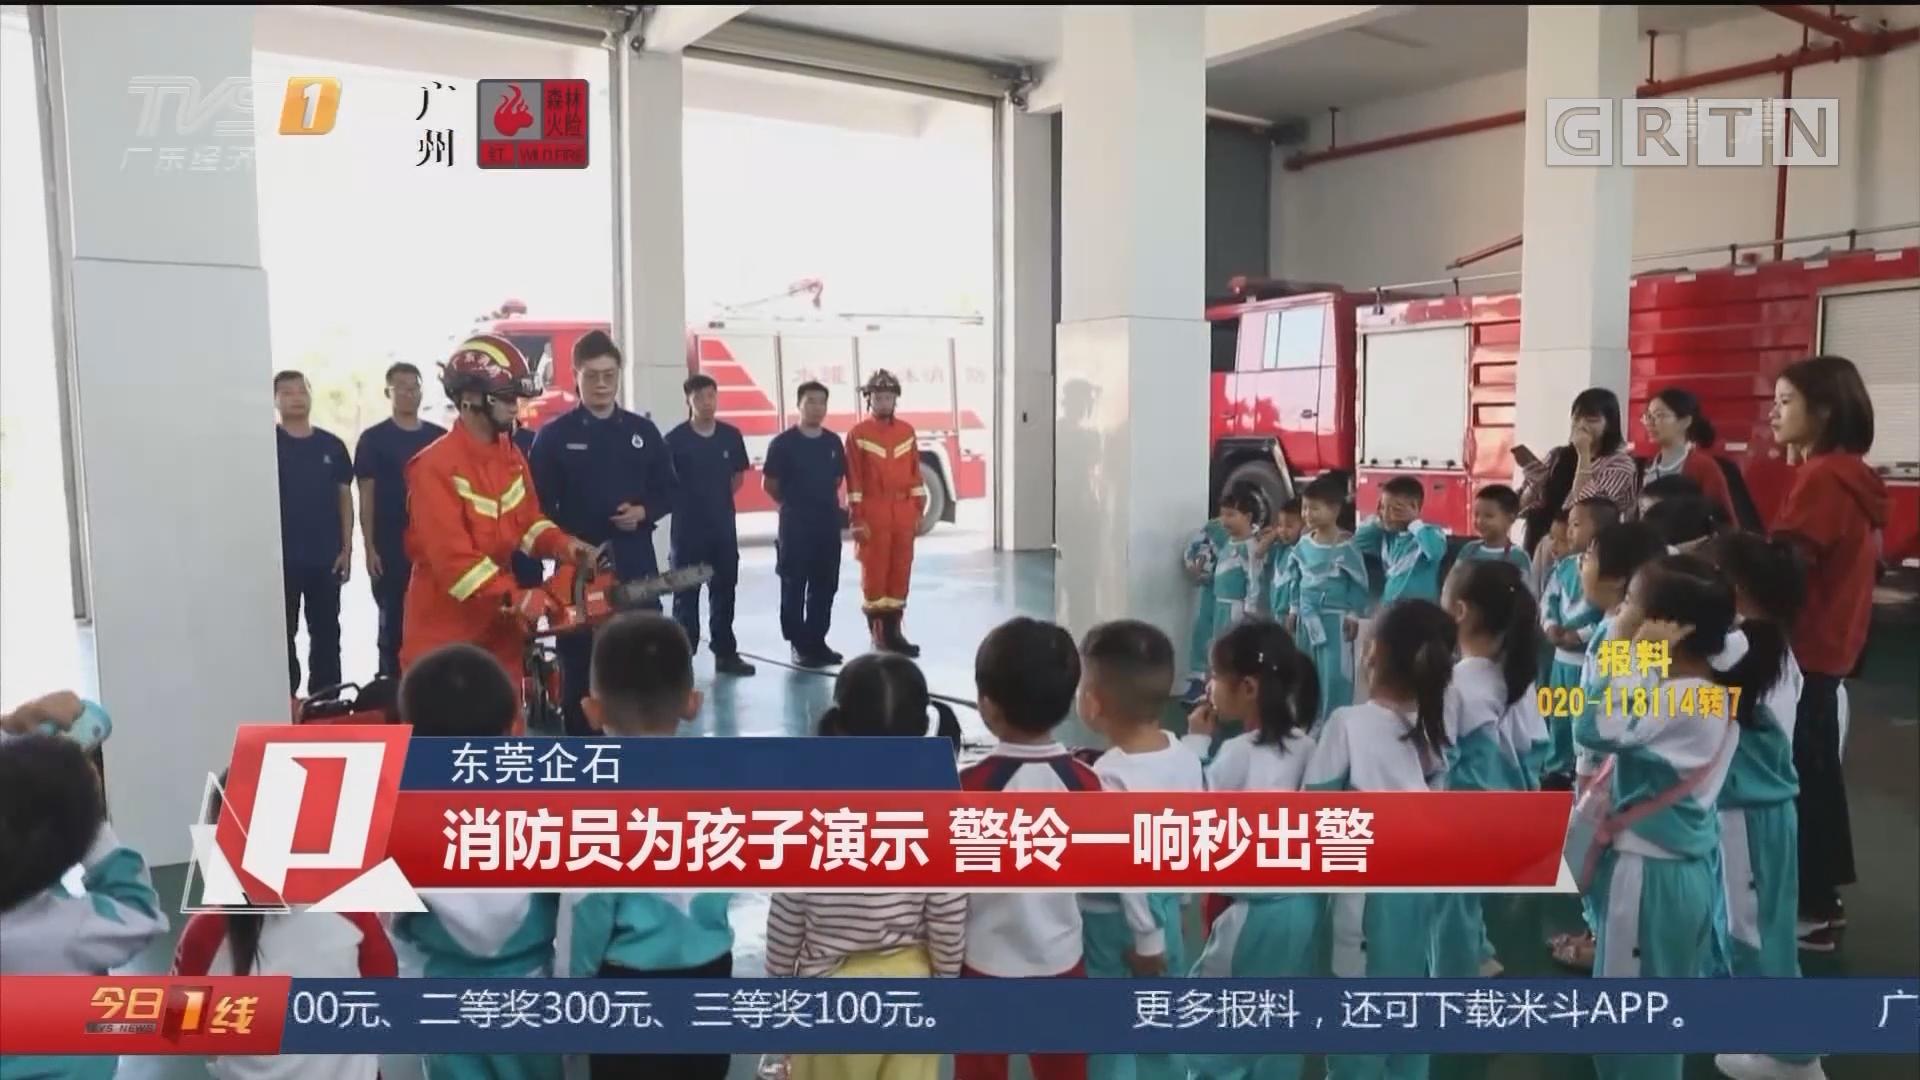 东莞企石:消防员为孩子演示 警铃一响秒出警